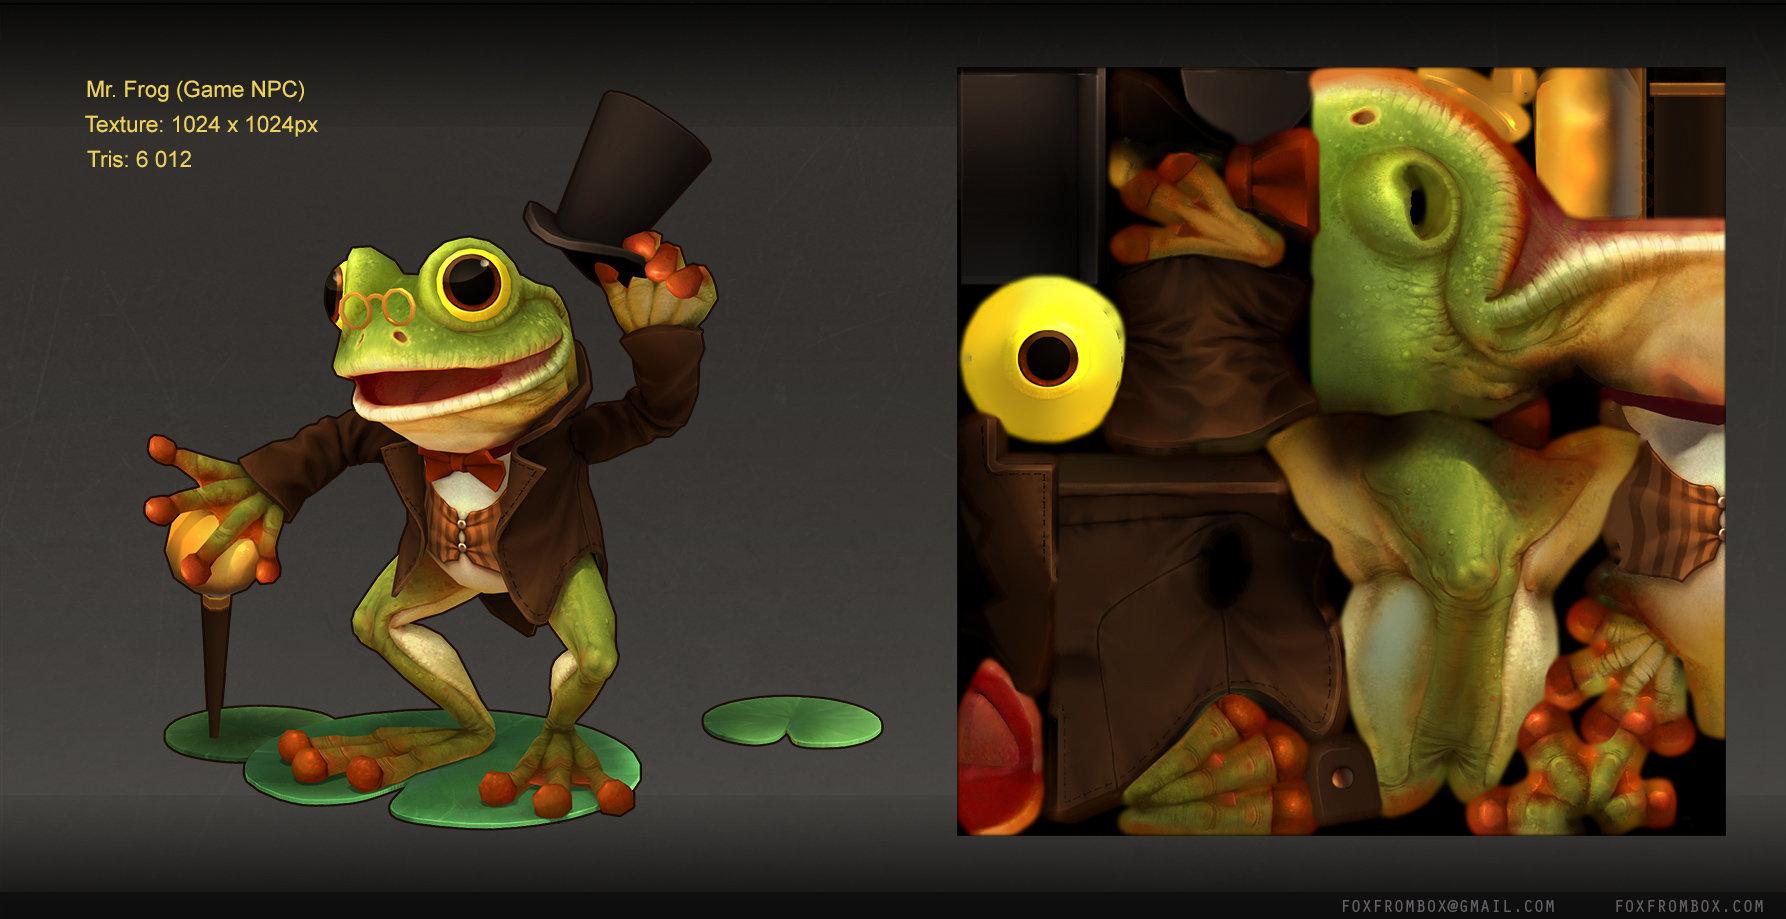 alina-ivanchenko-mr-frog02.jpg?1439915783